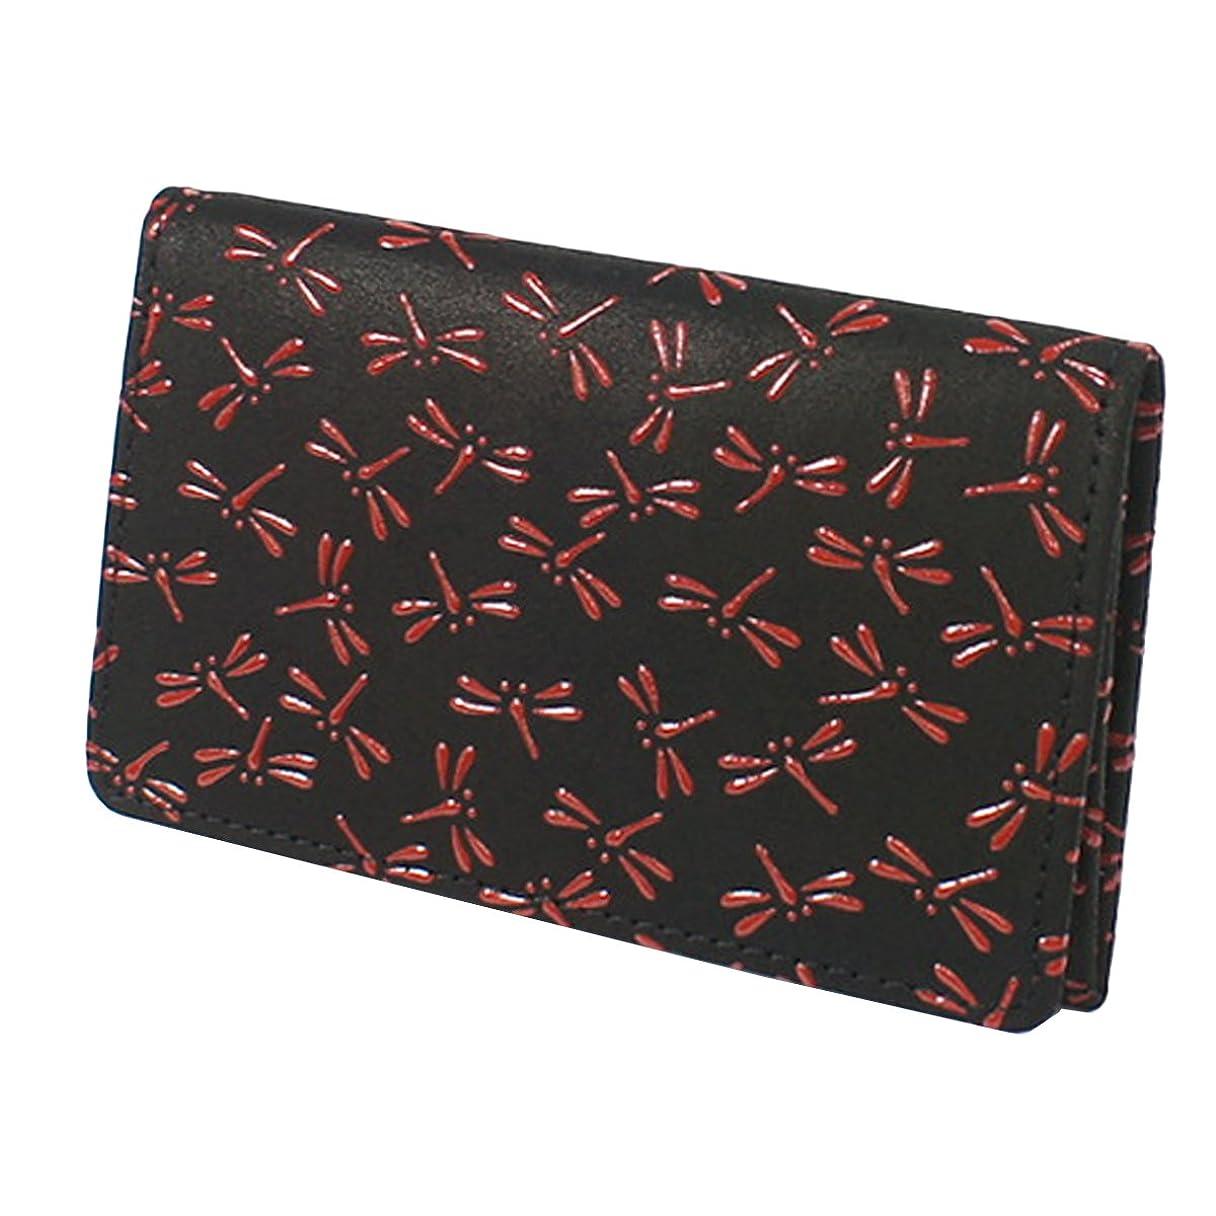 インキュバス投票台風INDEN-YA 印傳屋 印伝 名刺入れ レディース 女性用 黒×赤 とんぼ 2501-21-008